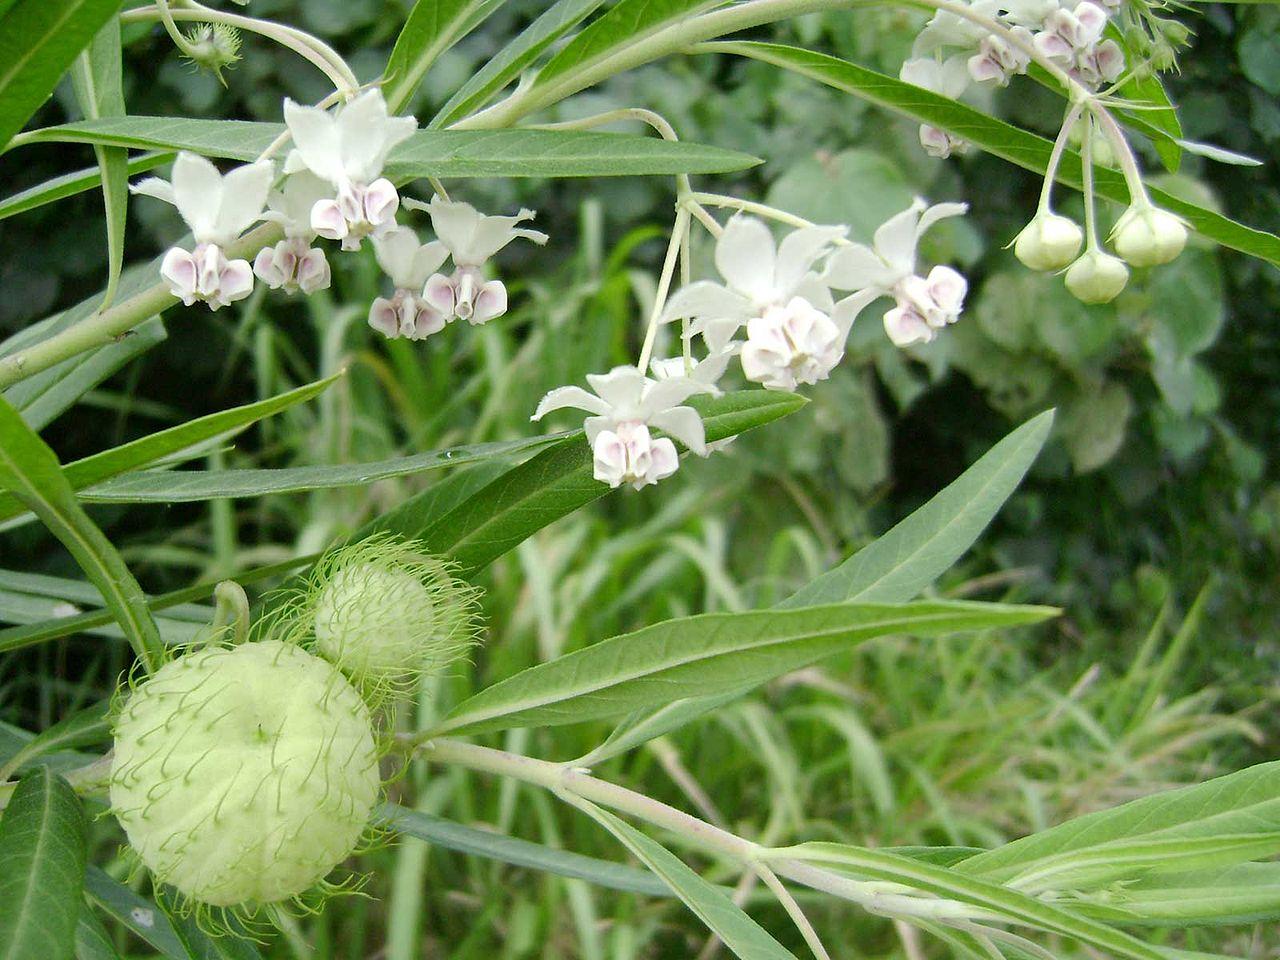 uma planta da espécie Gomphocarpus physocarpus